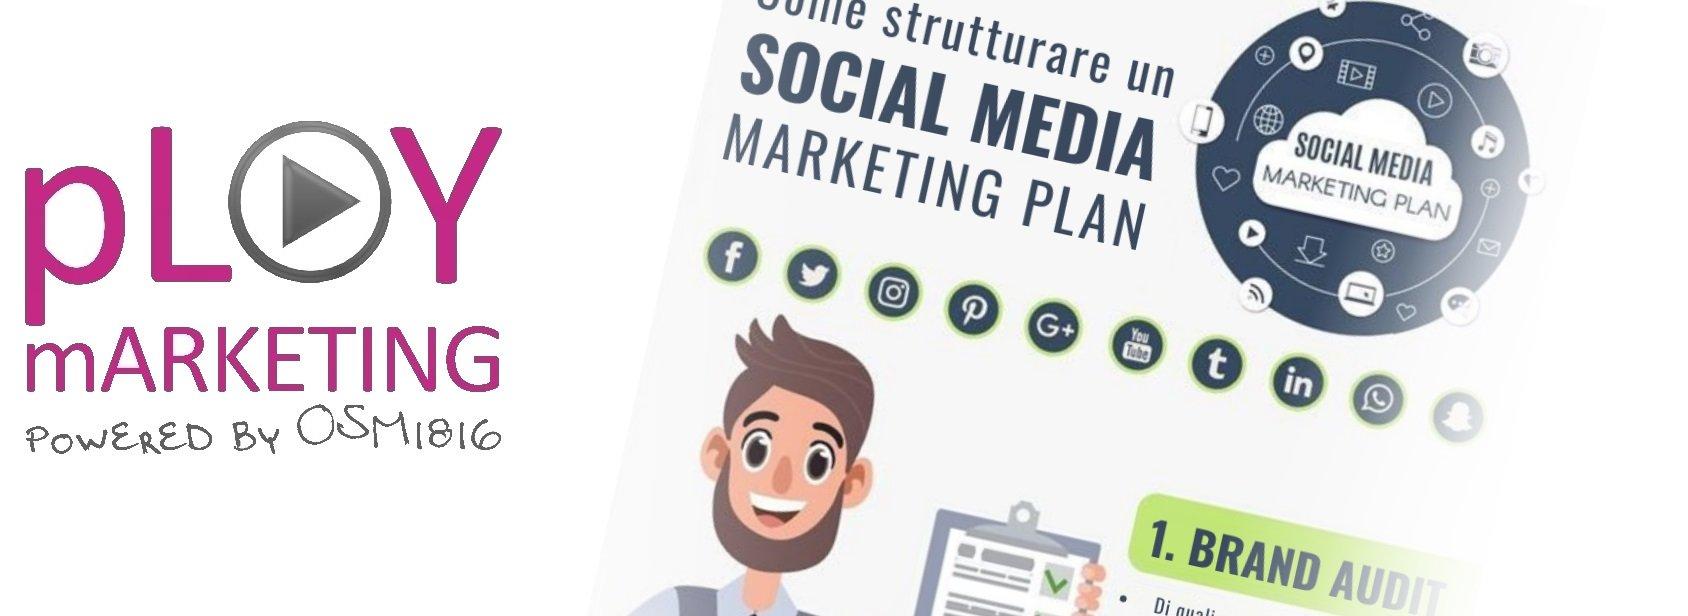 Infografica: Come strutturare un Social Media Marketing Plan